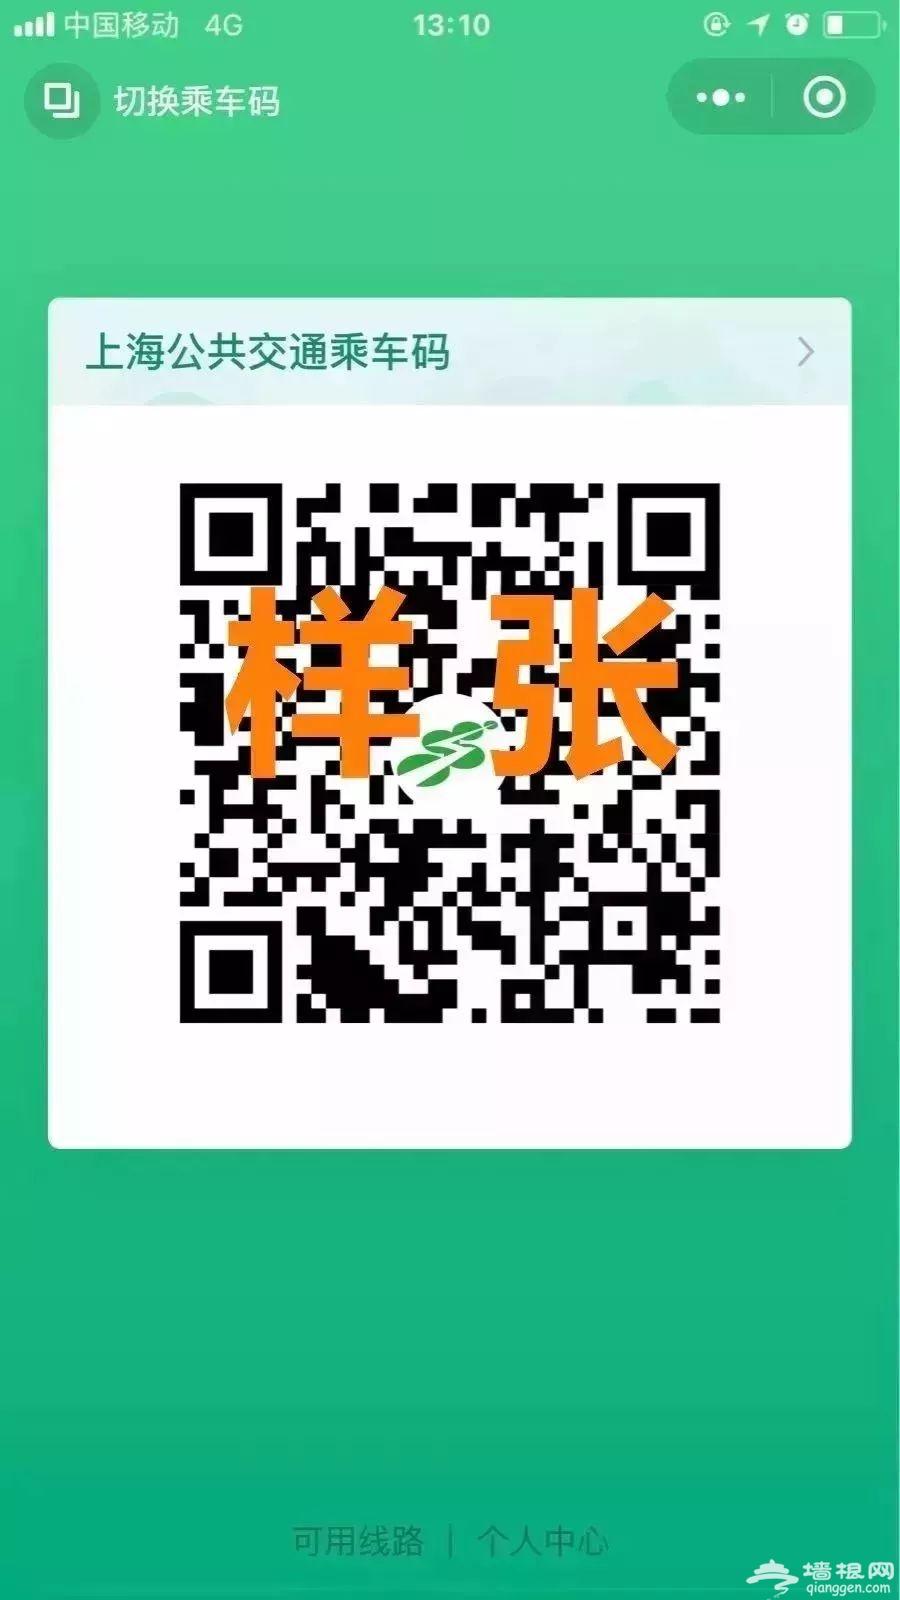 上海公交 轮渡超1300条线路开通乘车码扫码支付服务[墙根网]